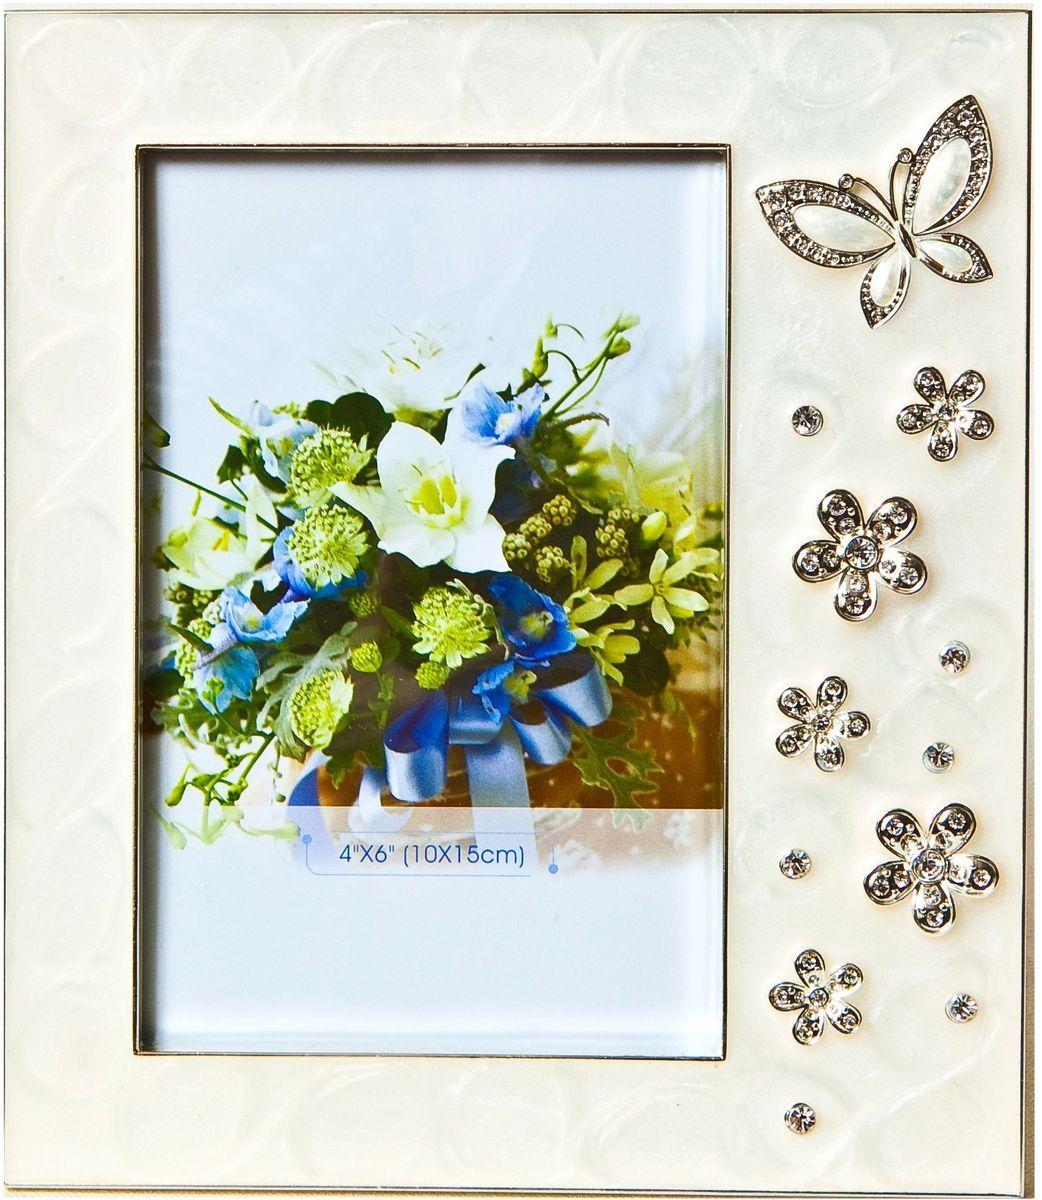 Фоторамка Platinum Бабочки и цветы, 10 х 15 см. PF10393RG-D31SДекоративная фоторамка Platinum Бабочки и цветы изготовлена из металла. Изделие оформлено декоративными элементами в виде бабочек и цветочков и украшено стразами. Рамка устанавливается на столе с помощью специальной ножки. Такая фоторамка позволит хранить на видном месте фотографии любимых вами людей и памятных моментов жизни, а также красиво дополнит интерьер помещения. Размер фоторамки: 16 х 19 см.